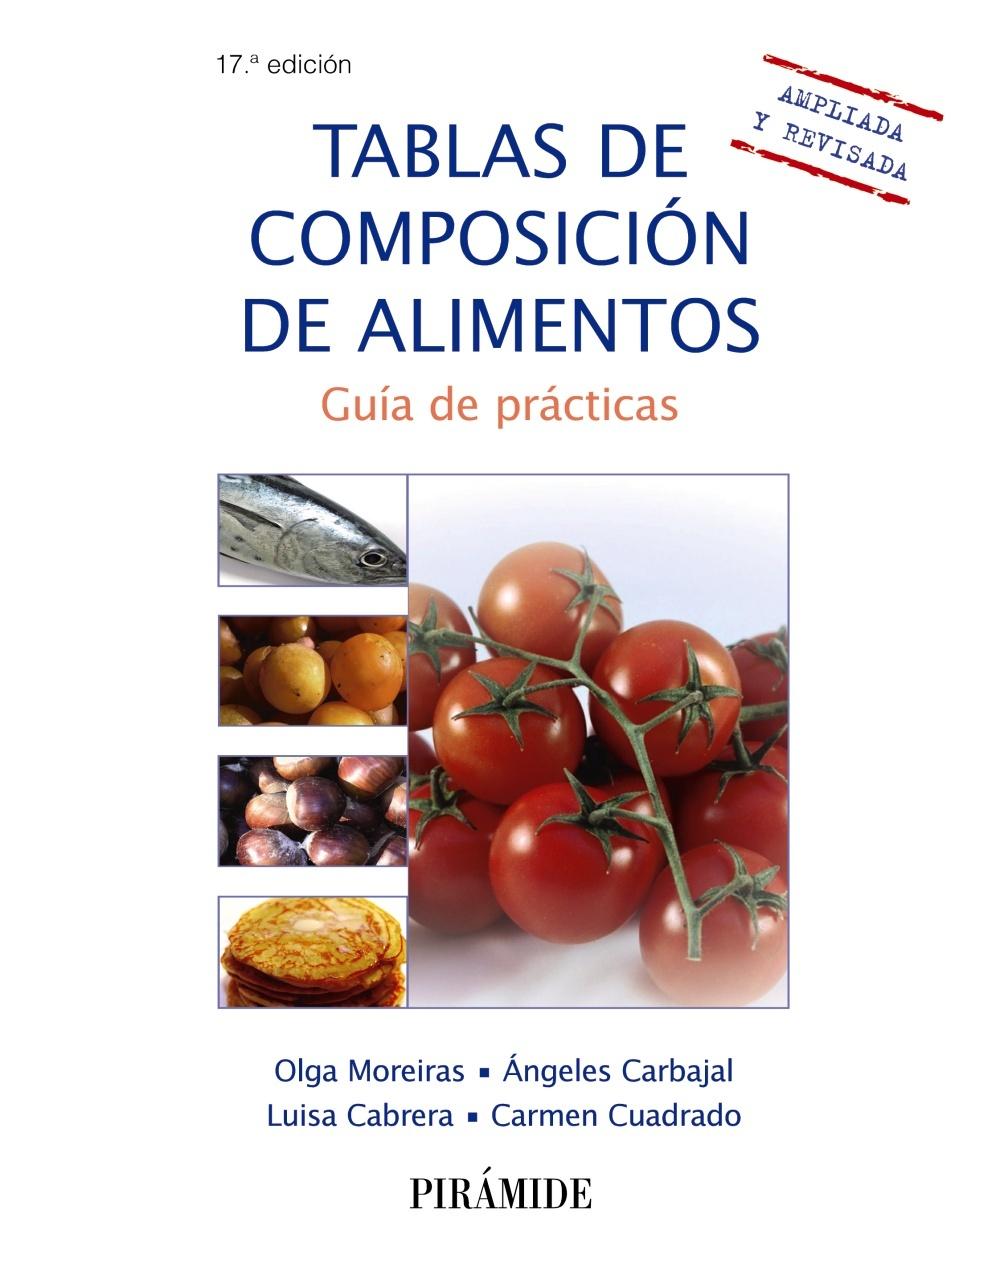 TABLAS DE COMPOSICIÓN DE ALIMENTOS. GUÍA DE PRÁCTICAS. 17ª EDICIÓN